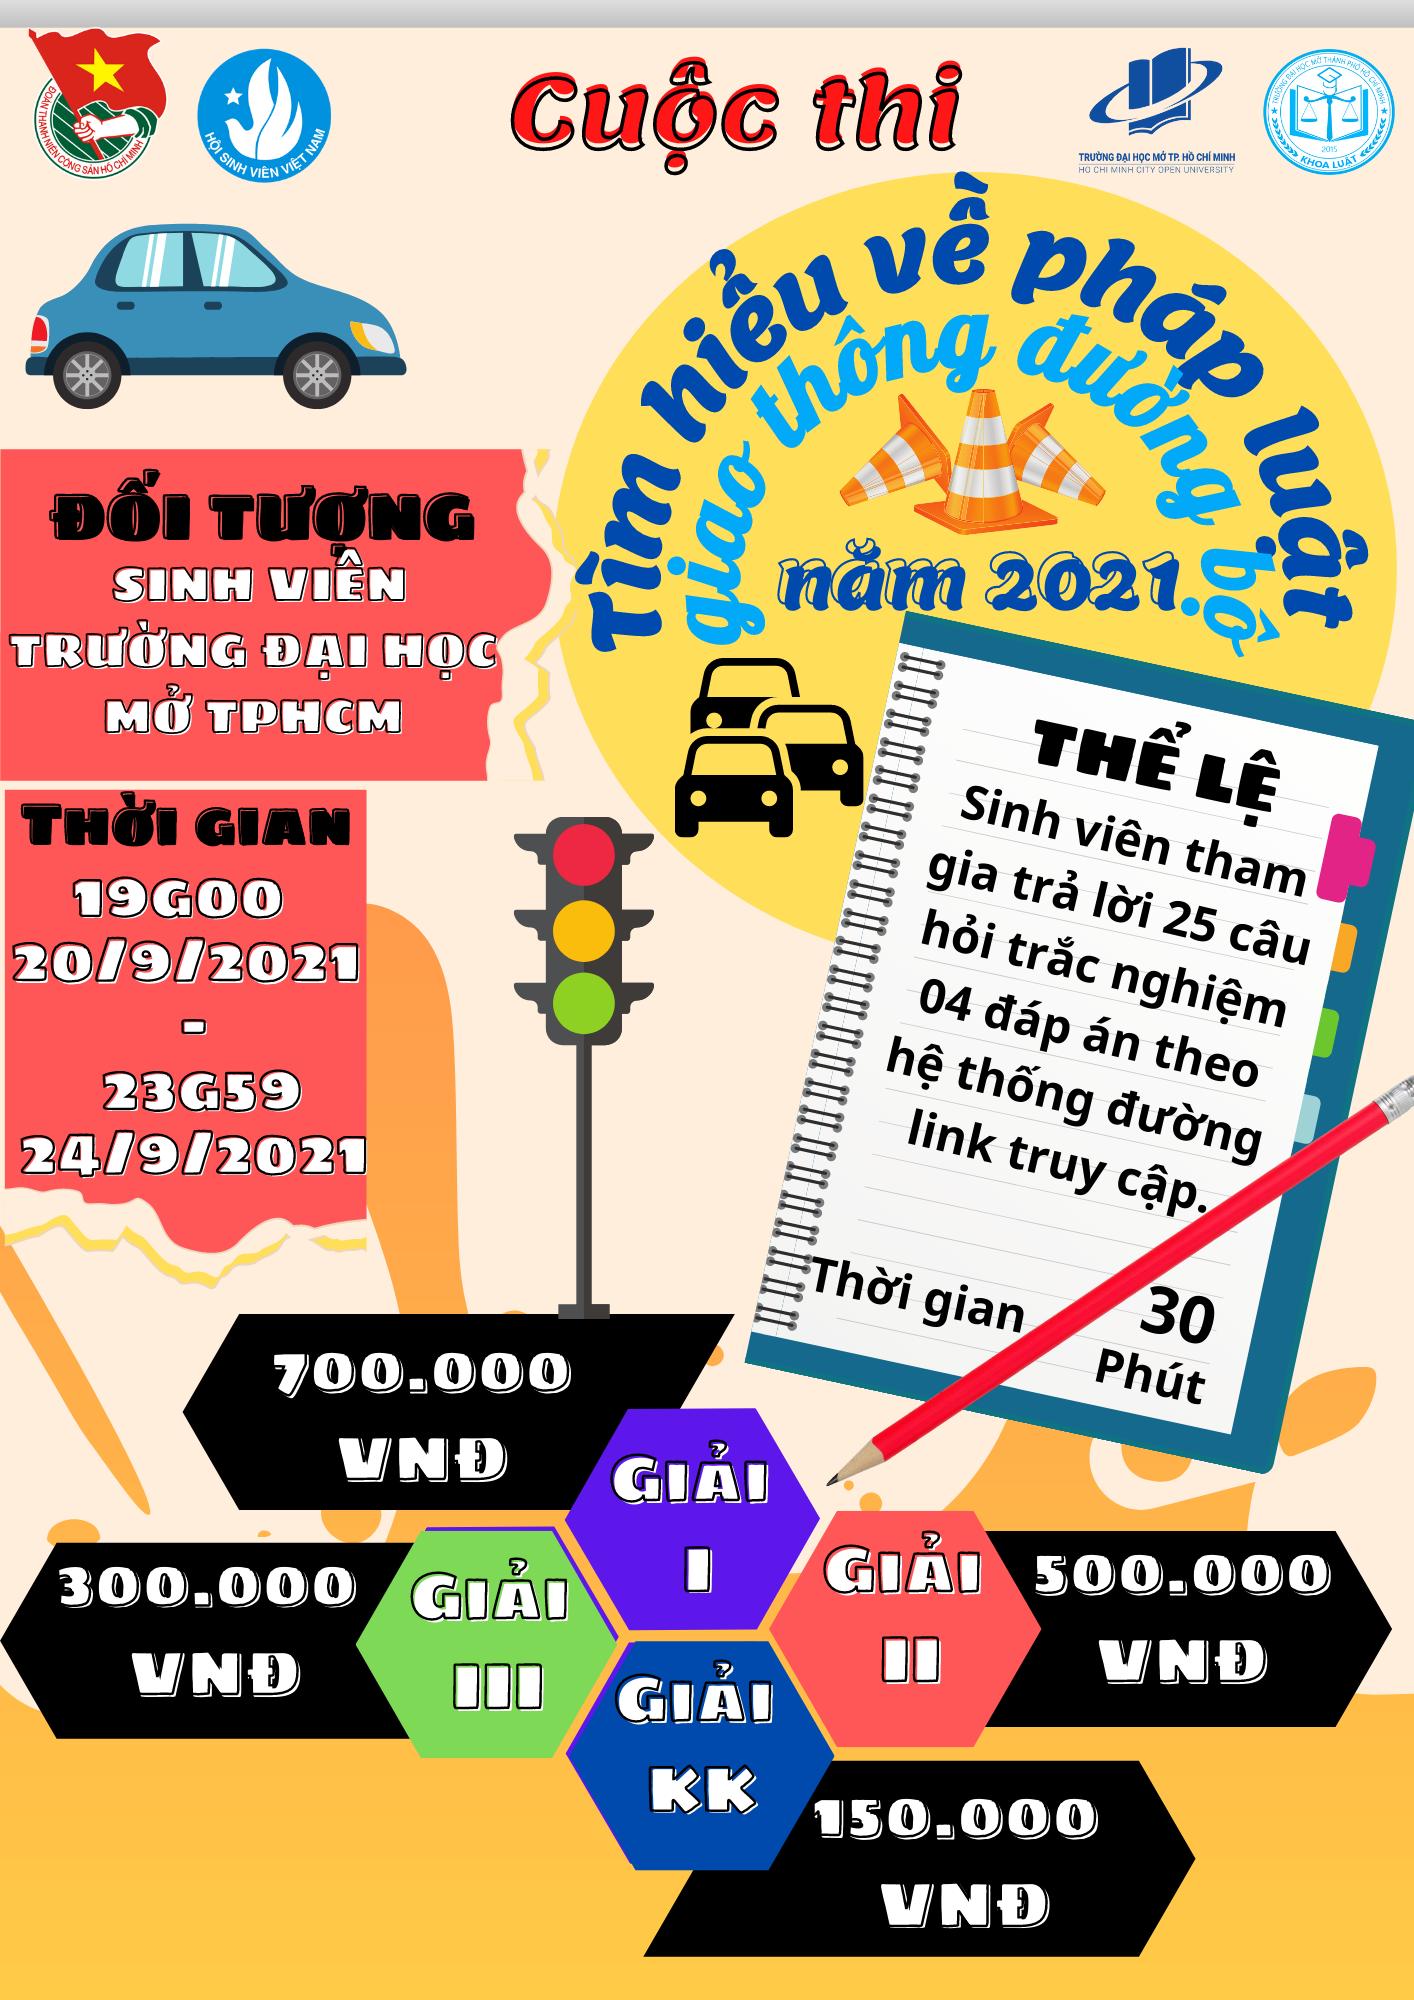 Chuỗi hoạt động tháng an toàn giao thông năm 2021